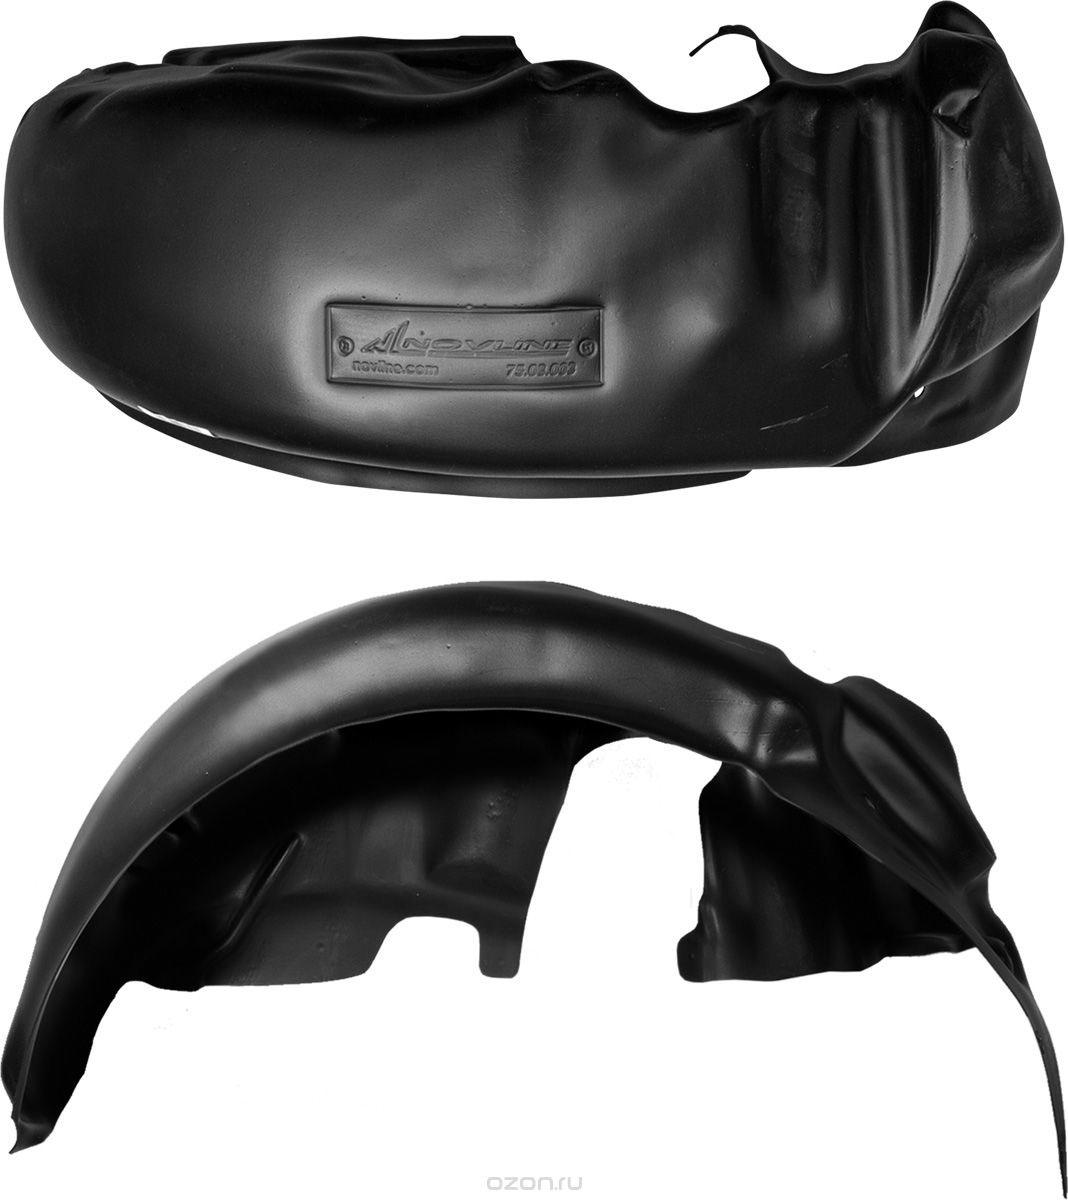 Подкрылок Novline-Autofamily, для HAIMA 7, 2013->, задний правый1750930Идеальная защита колесной ниши. Локеры разработаны с применением цифровых технологий, гарантируют максимальную повторяемость поверхности арки. Изделия устанавливаются без нарушения лакокрасочного покрытия автомобиля, каждый подкрылок комплектуется крепежом. Уважаемые клиенты, обращаем ваше внимание, что фотографии на подкрылки универсальные и не отражают реальную форму изделия. При этом само изделие идет точно под размер указанного автомобиля.